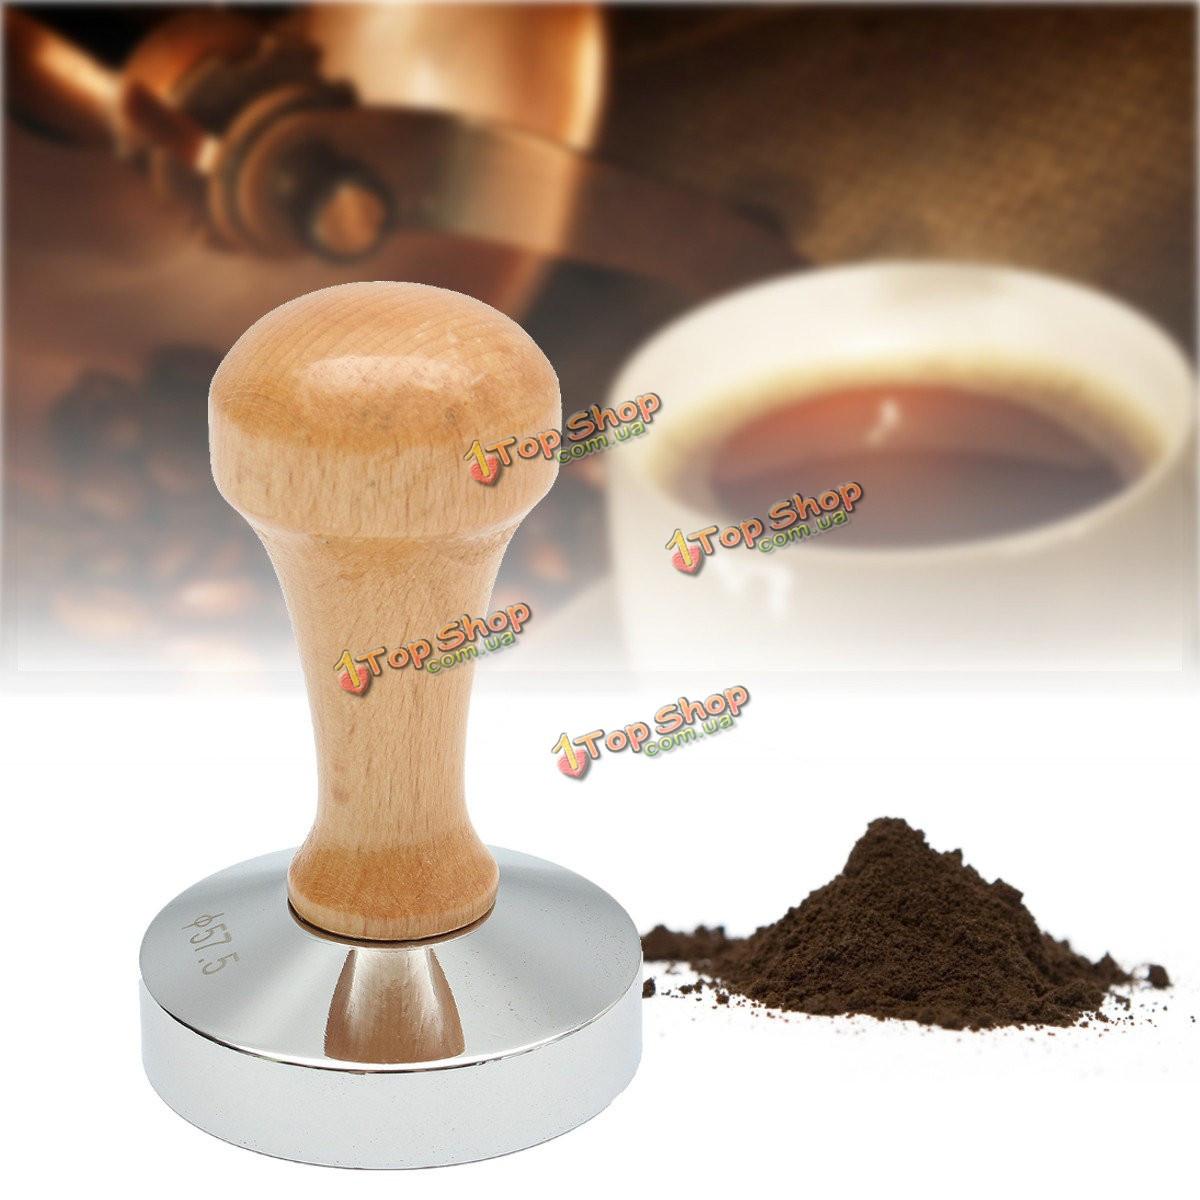 Алюминиевая отливка кофе эспрессо подделать плоское основание деревянной ручкой фасоль пресс- инструмент - ➊TopShop ➠ Товары из Китая с бесплатной доставкой в Украину! в Киеве